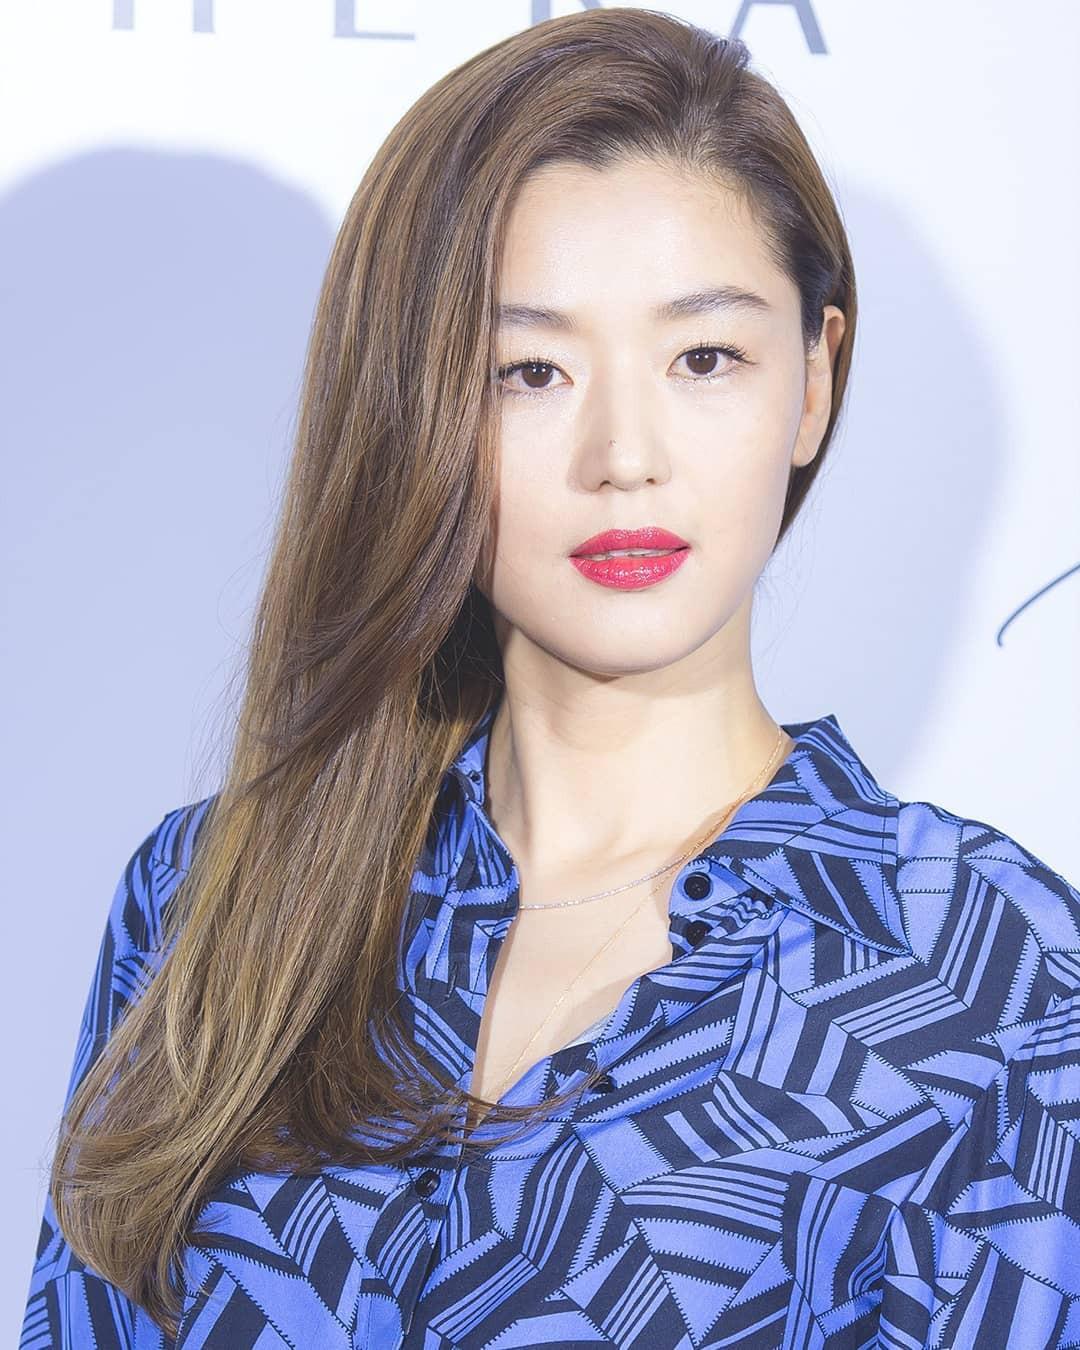 Mợ chảnh Jeon Ji Hyun xinh đẹp ngất ngây với màu tóc mới, diện áo gần 30 triệu - Ảnh 4.